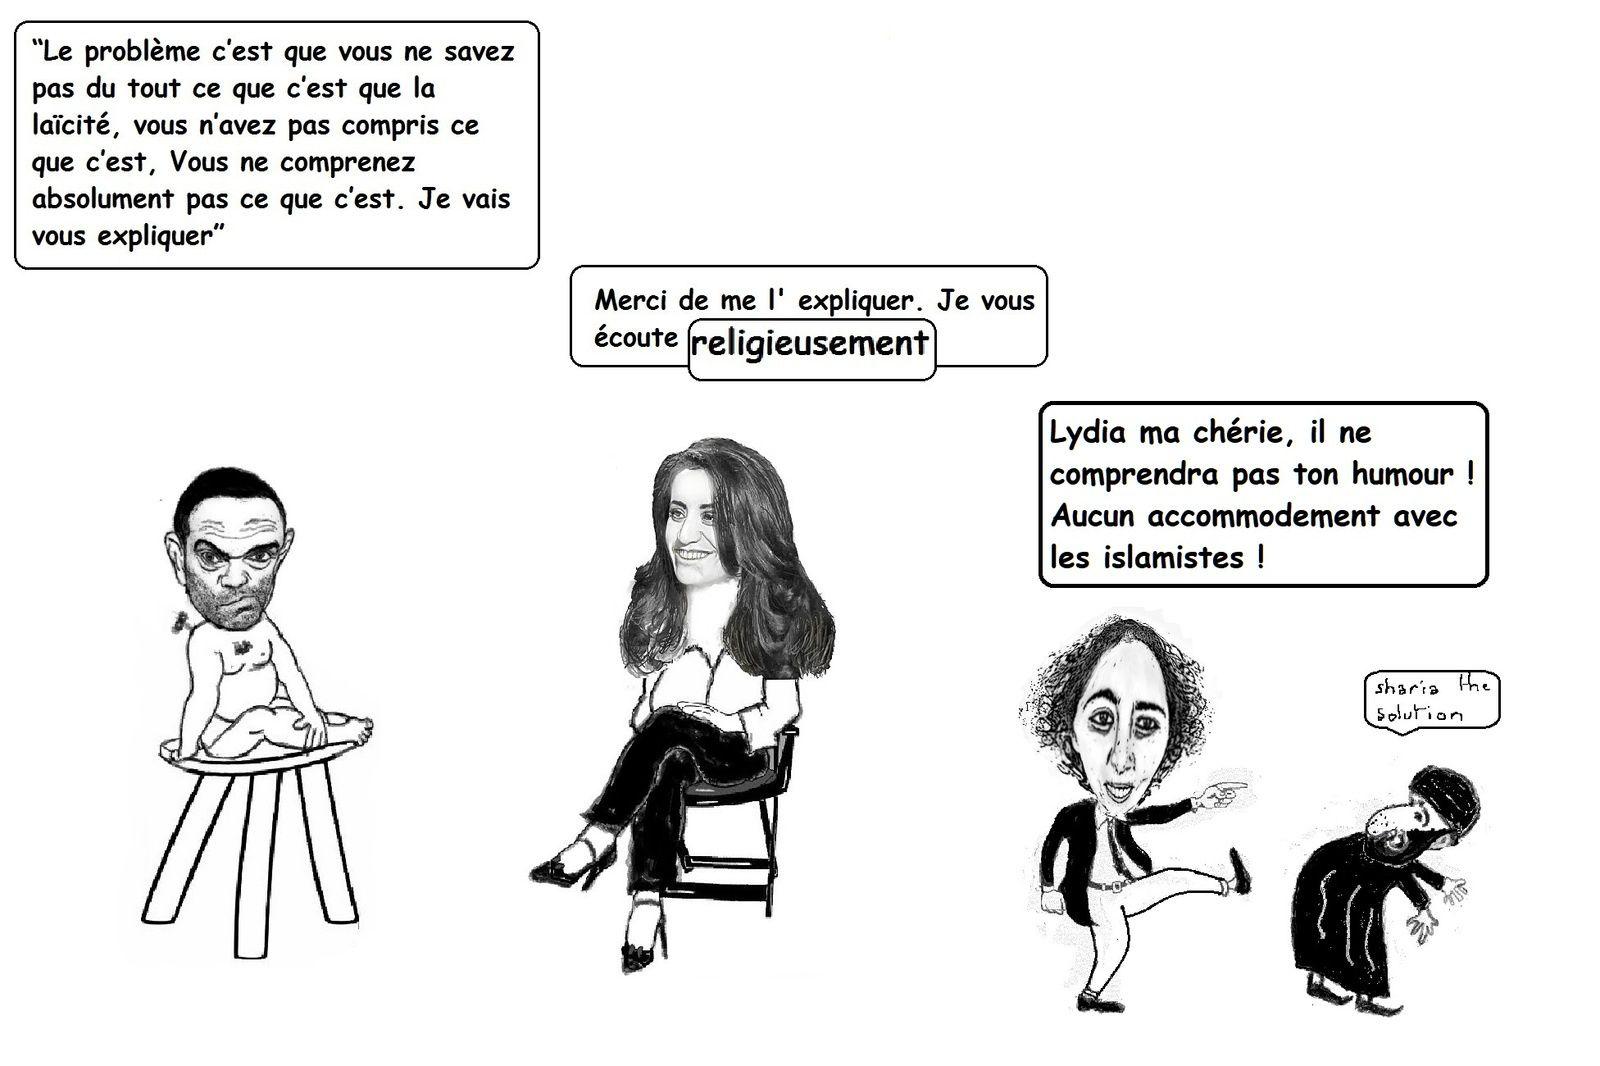 """Hommage à Lydia Guirous, Zineb El Rhazoui, Jeannette Bougrab, Zohra Bitan, Fatiha Boudjahlat et  Fadila Maaroufi, cinq femmes françaises et une belge contre les """"accommodements raisonnables"""" vis à vis de l' Islam intégriste."""